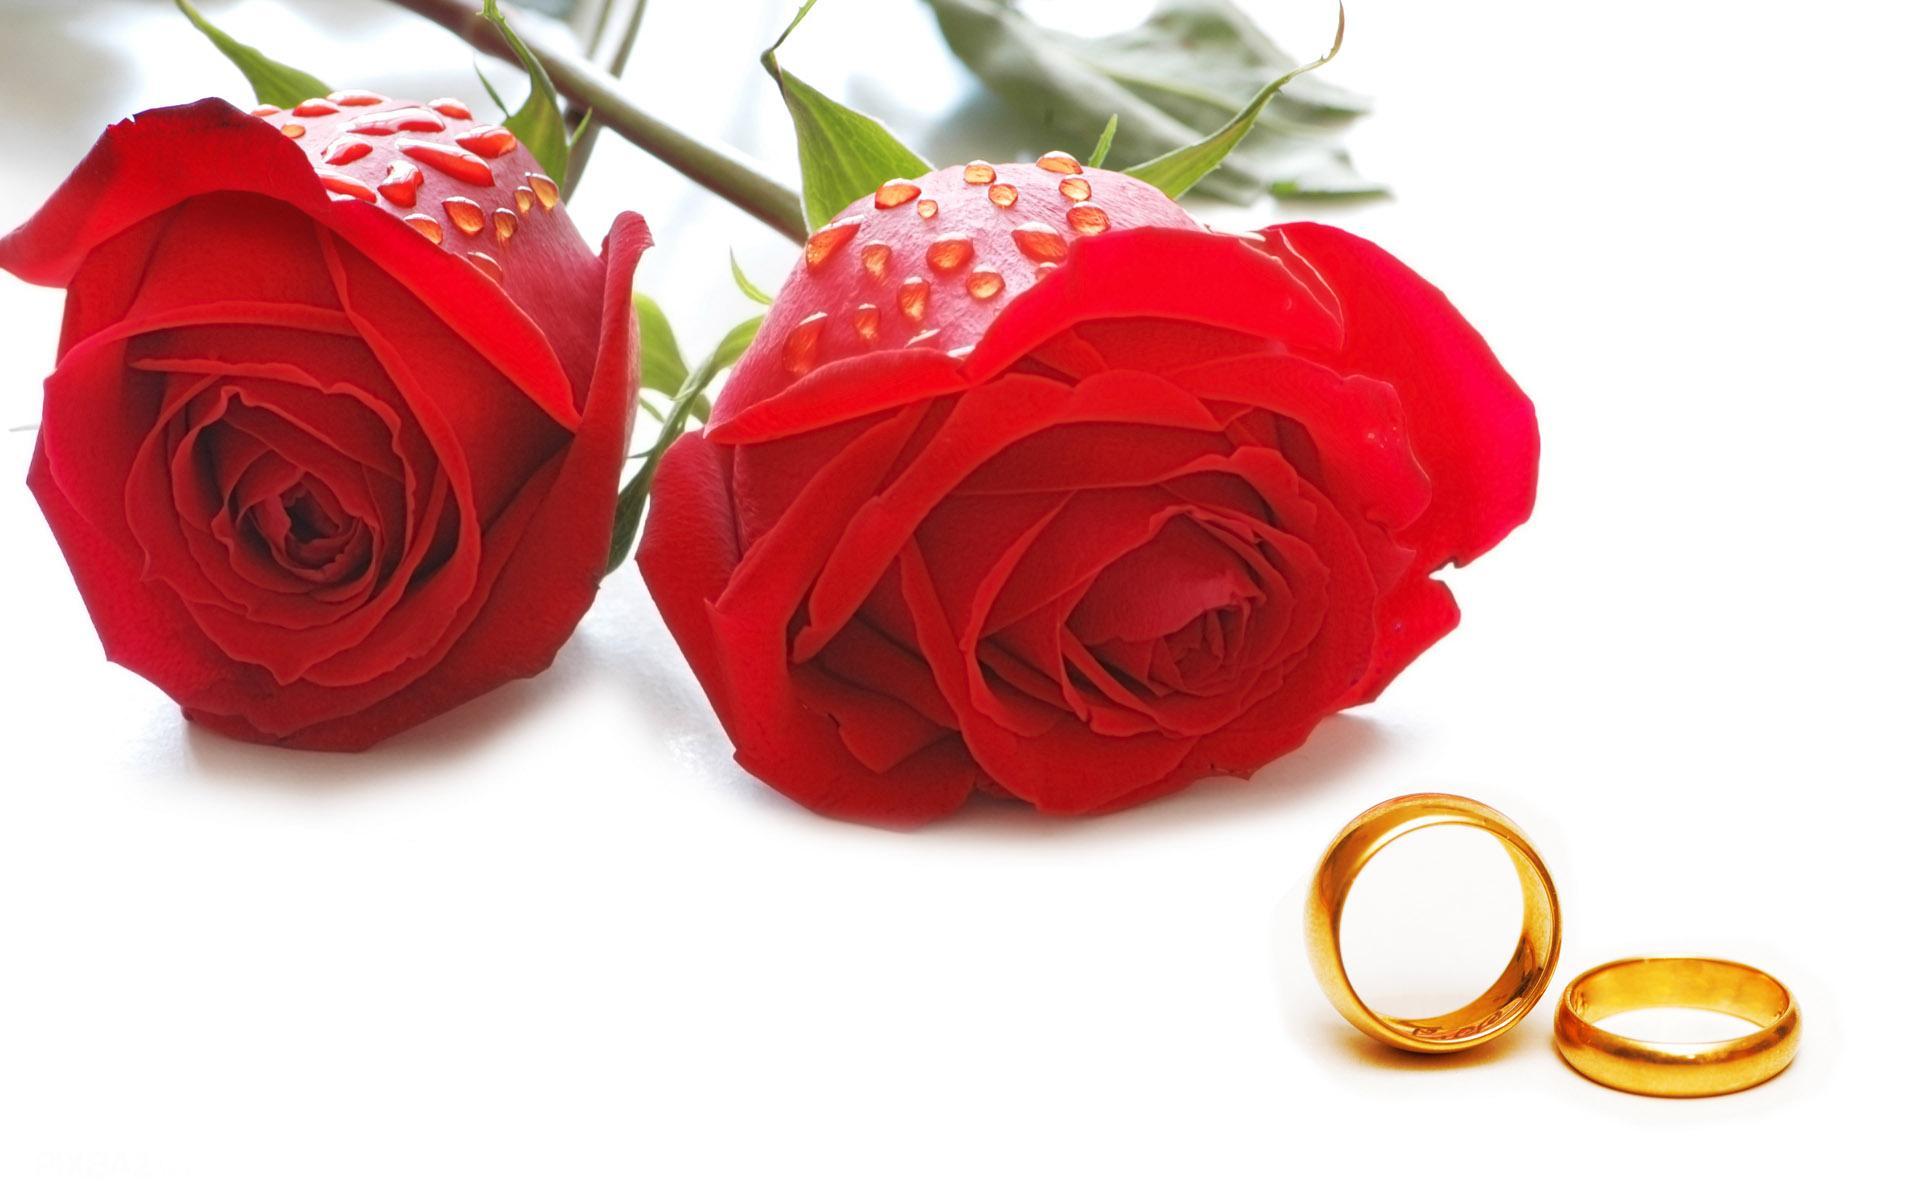 اهمیت و فواید ازدواج و تشکیل خانواده از دیدگاه قرآن و آیه قرآنی درباره ازدواج کردن